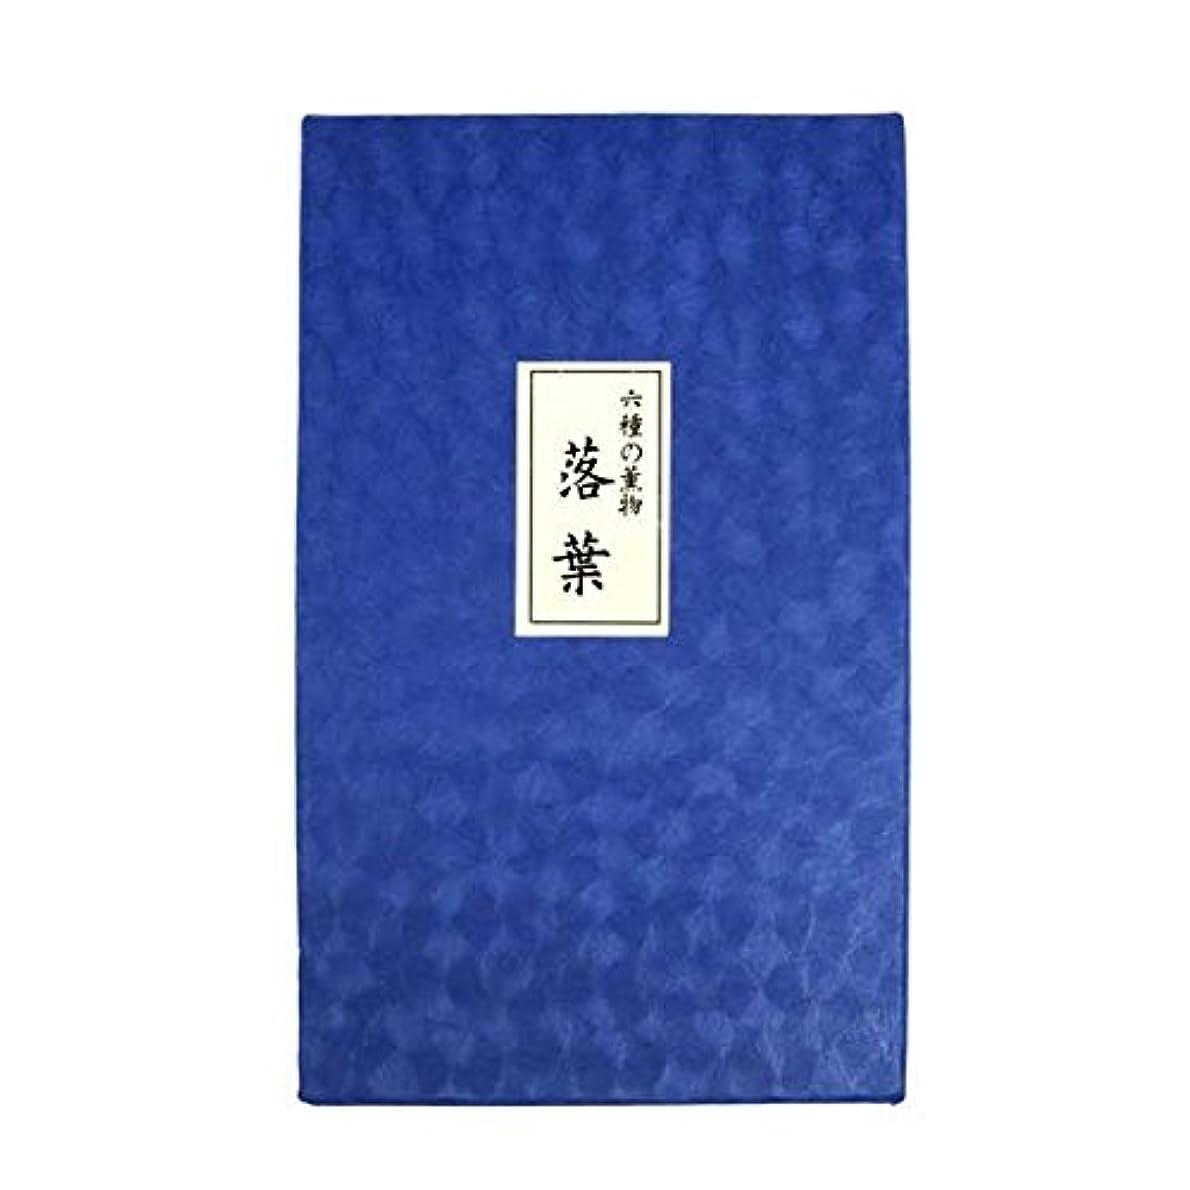 とげのある推論アピール六種の薫物 落葉 貝入畳紙包 紙箱入